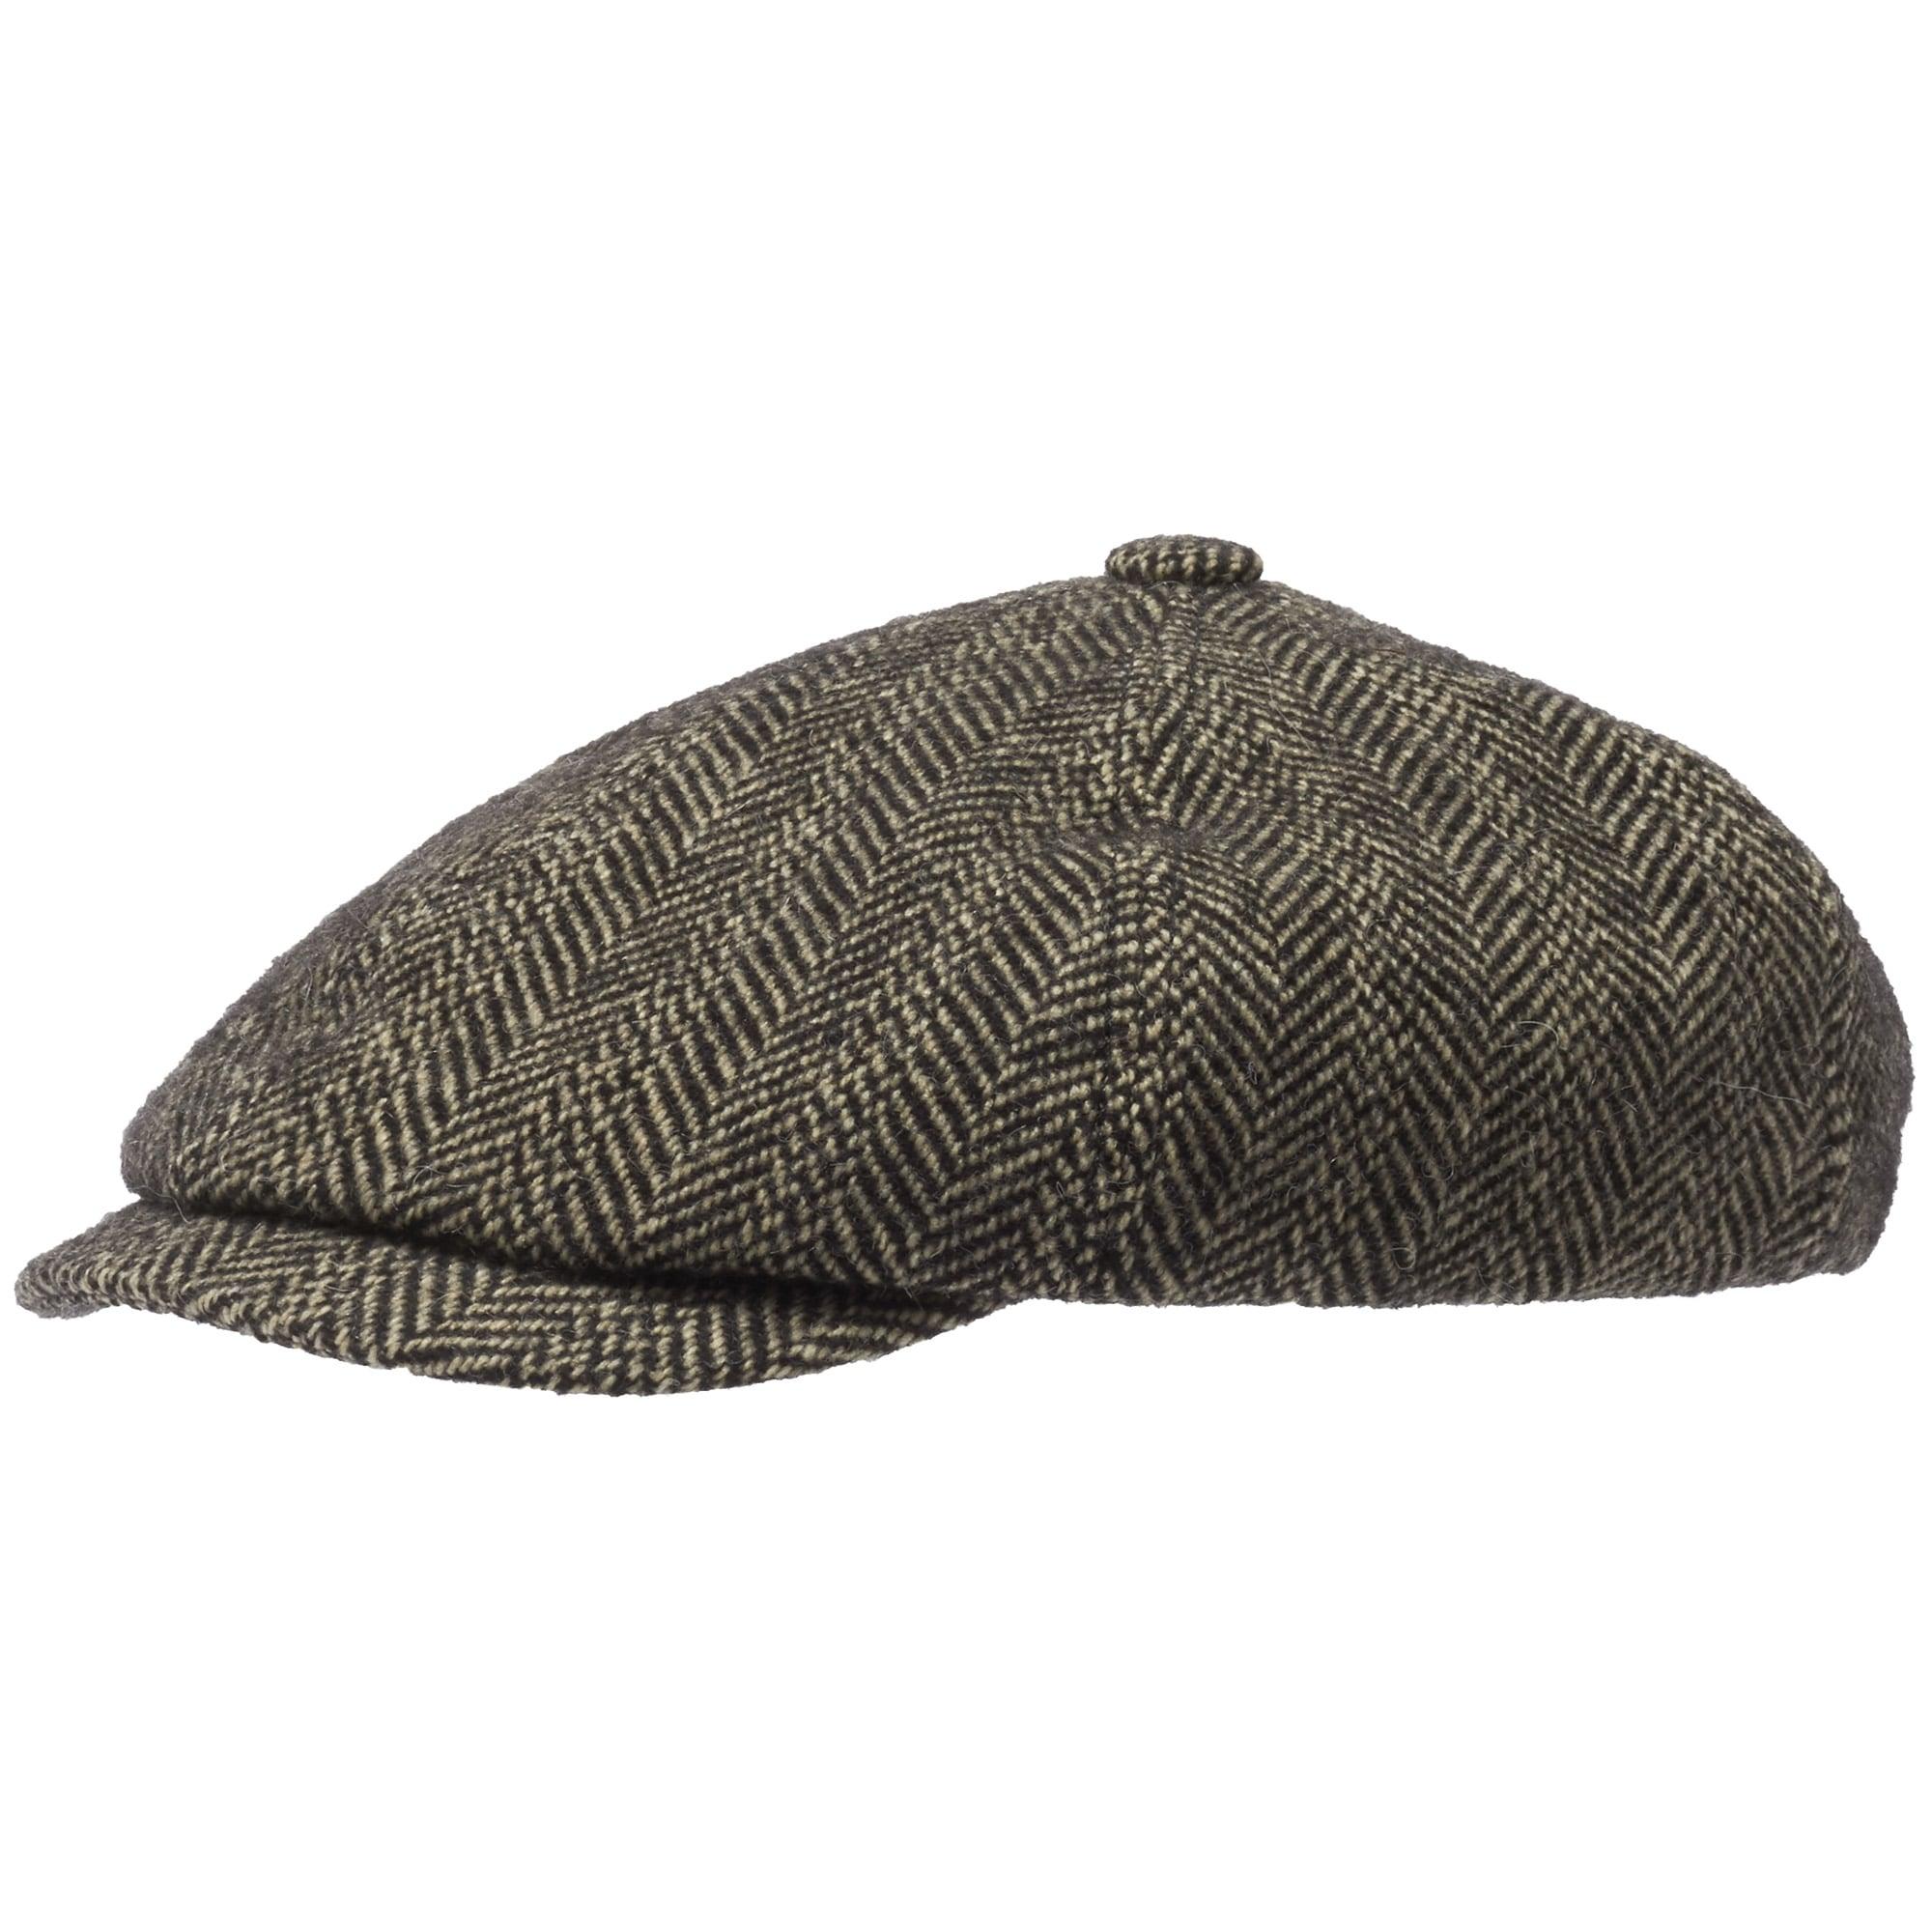 Virgin Wool 6-Panel Flat Cap- Herringbone 517d8bbe1579